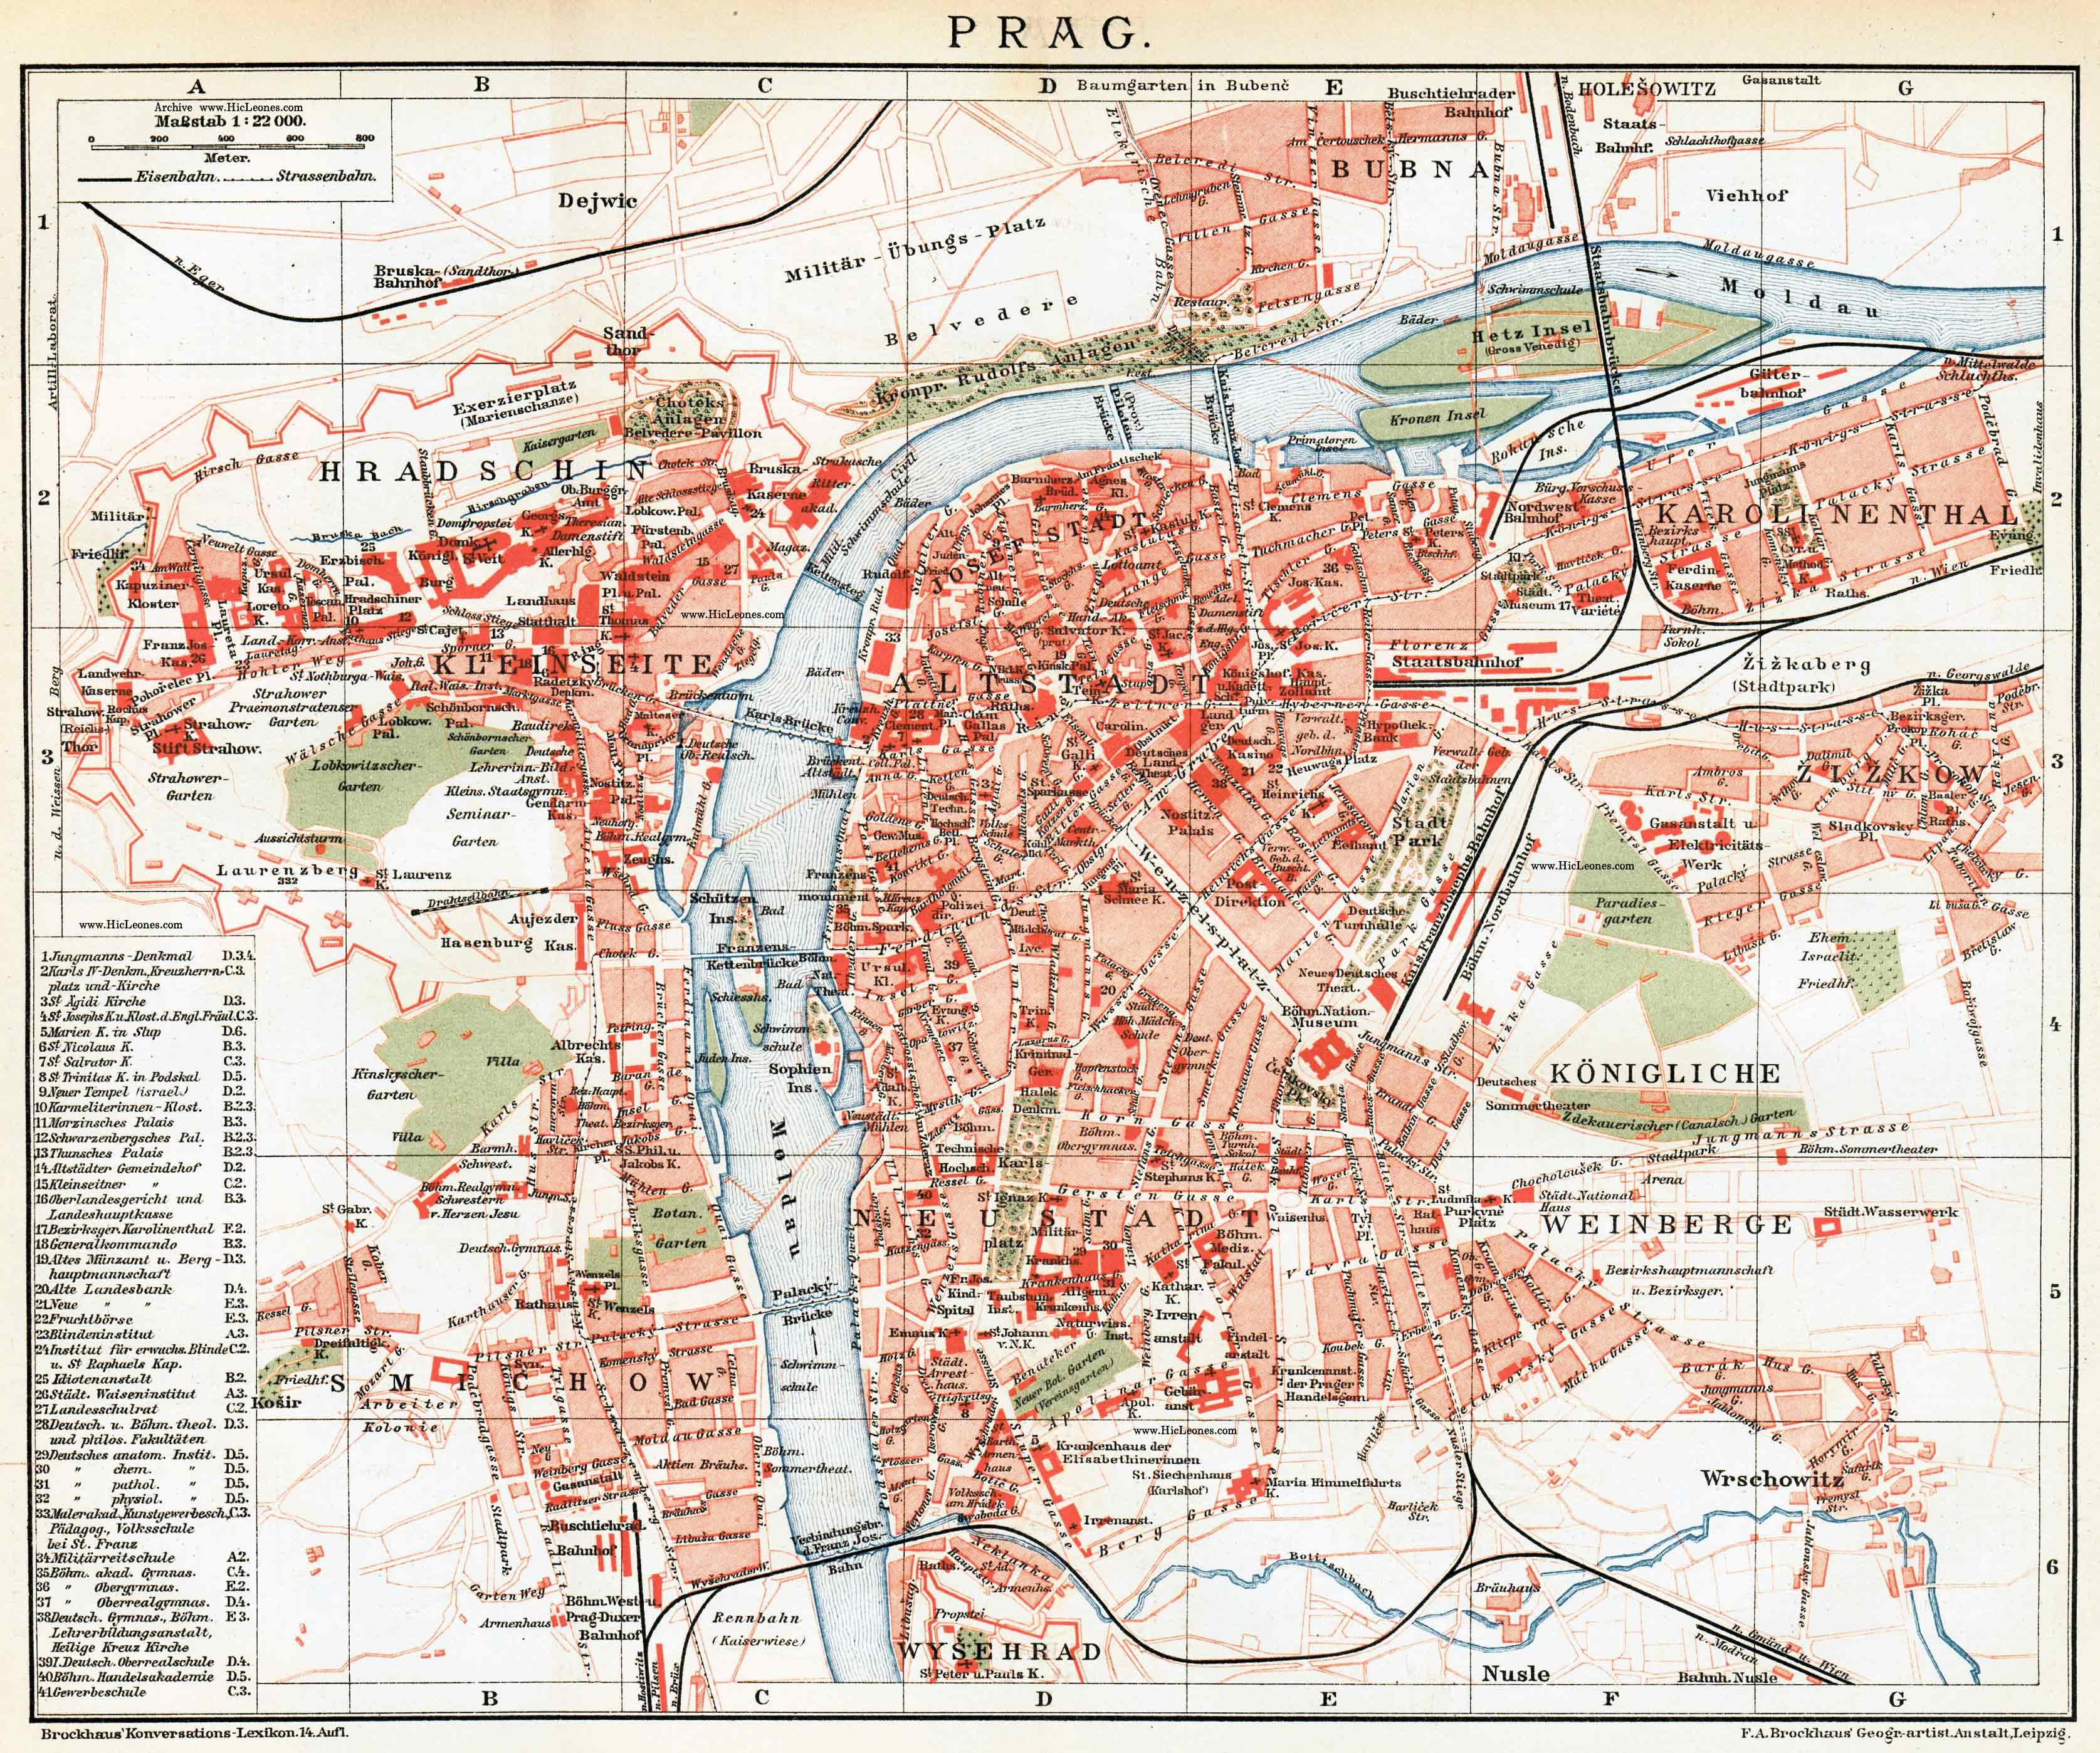 File:Prag 1885 Stadtplan.jpg - Wikimedia Commons